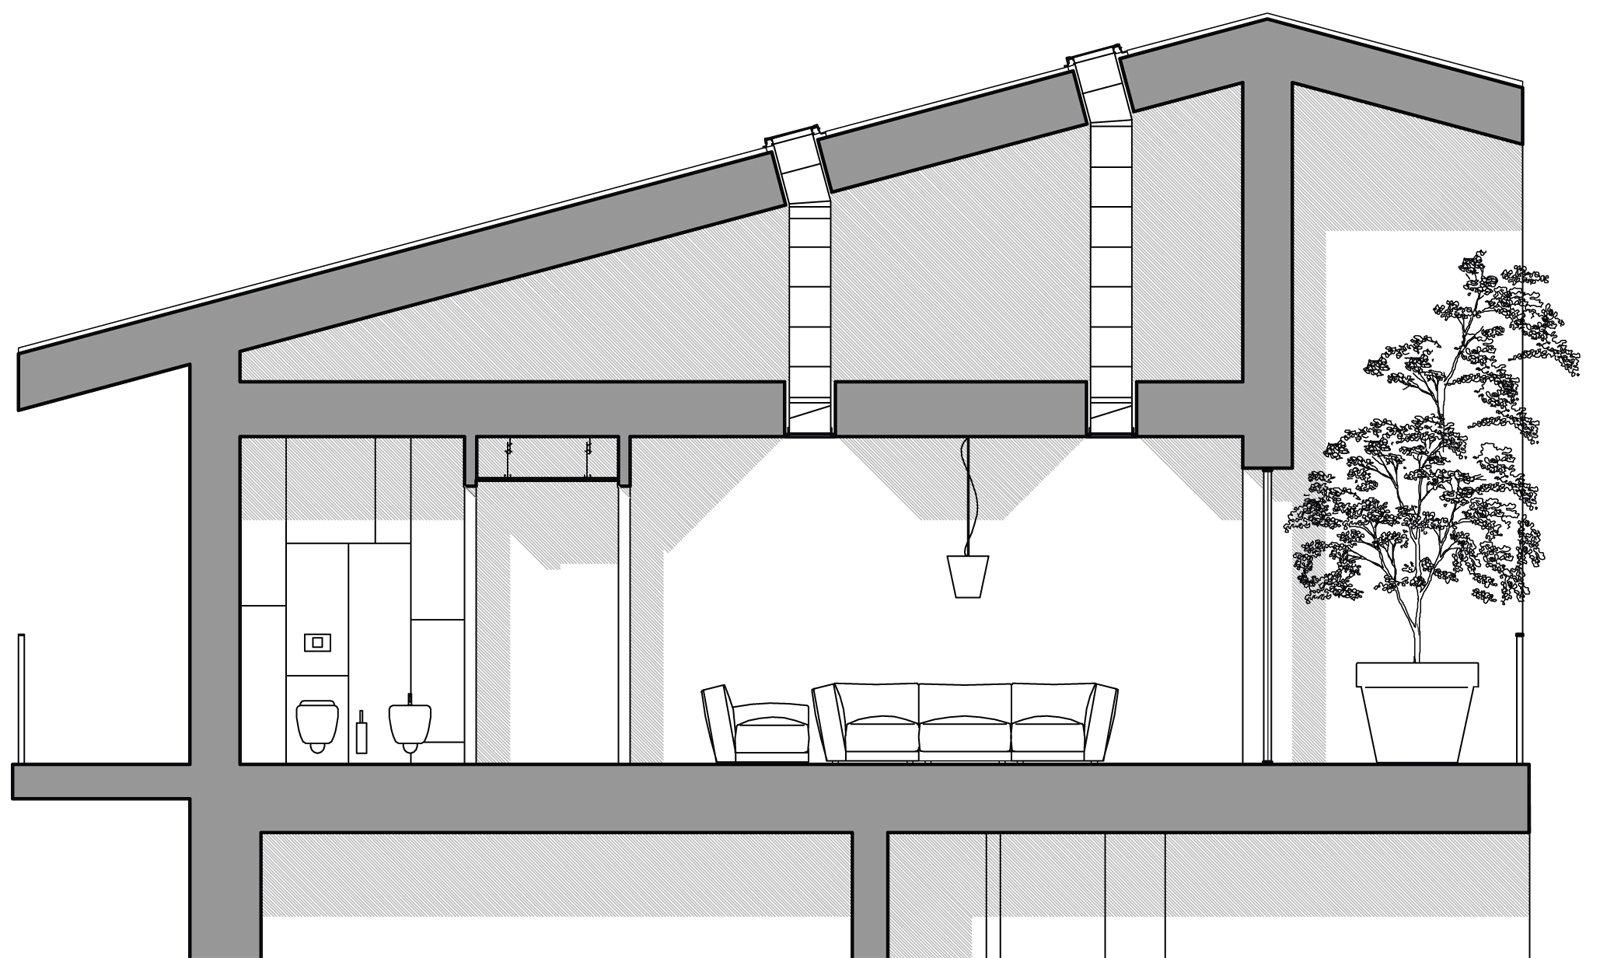 La dimensione del foro da realizzare nel tetto e la lunghezza del ...